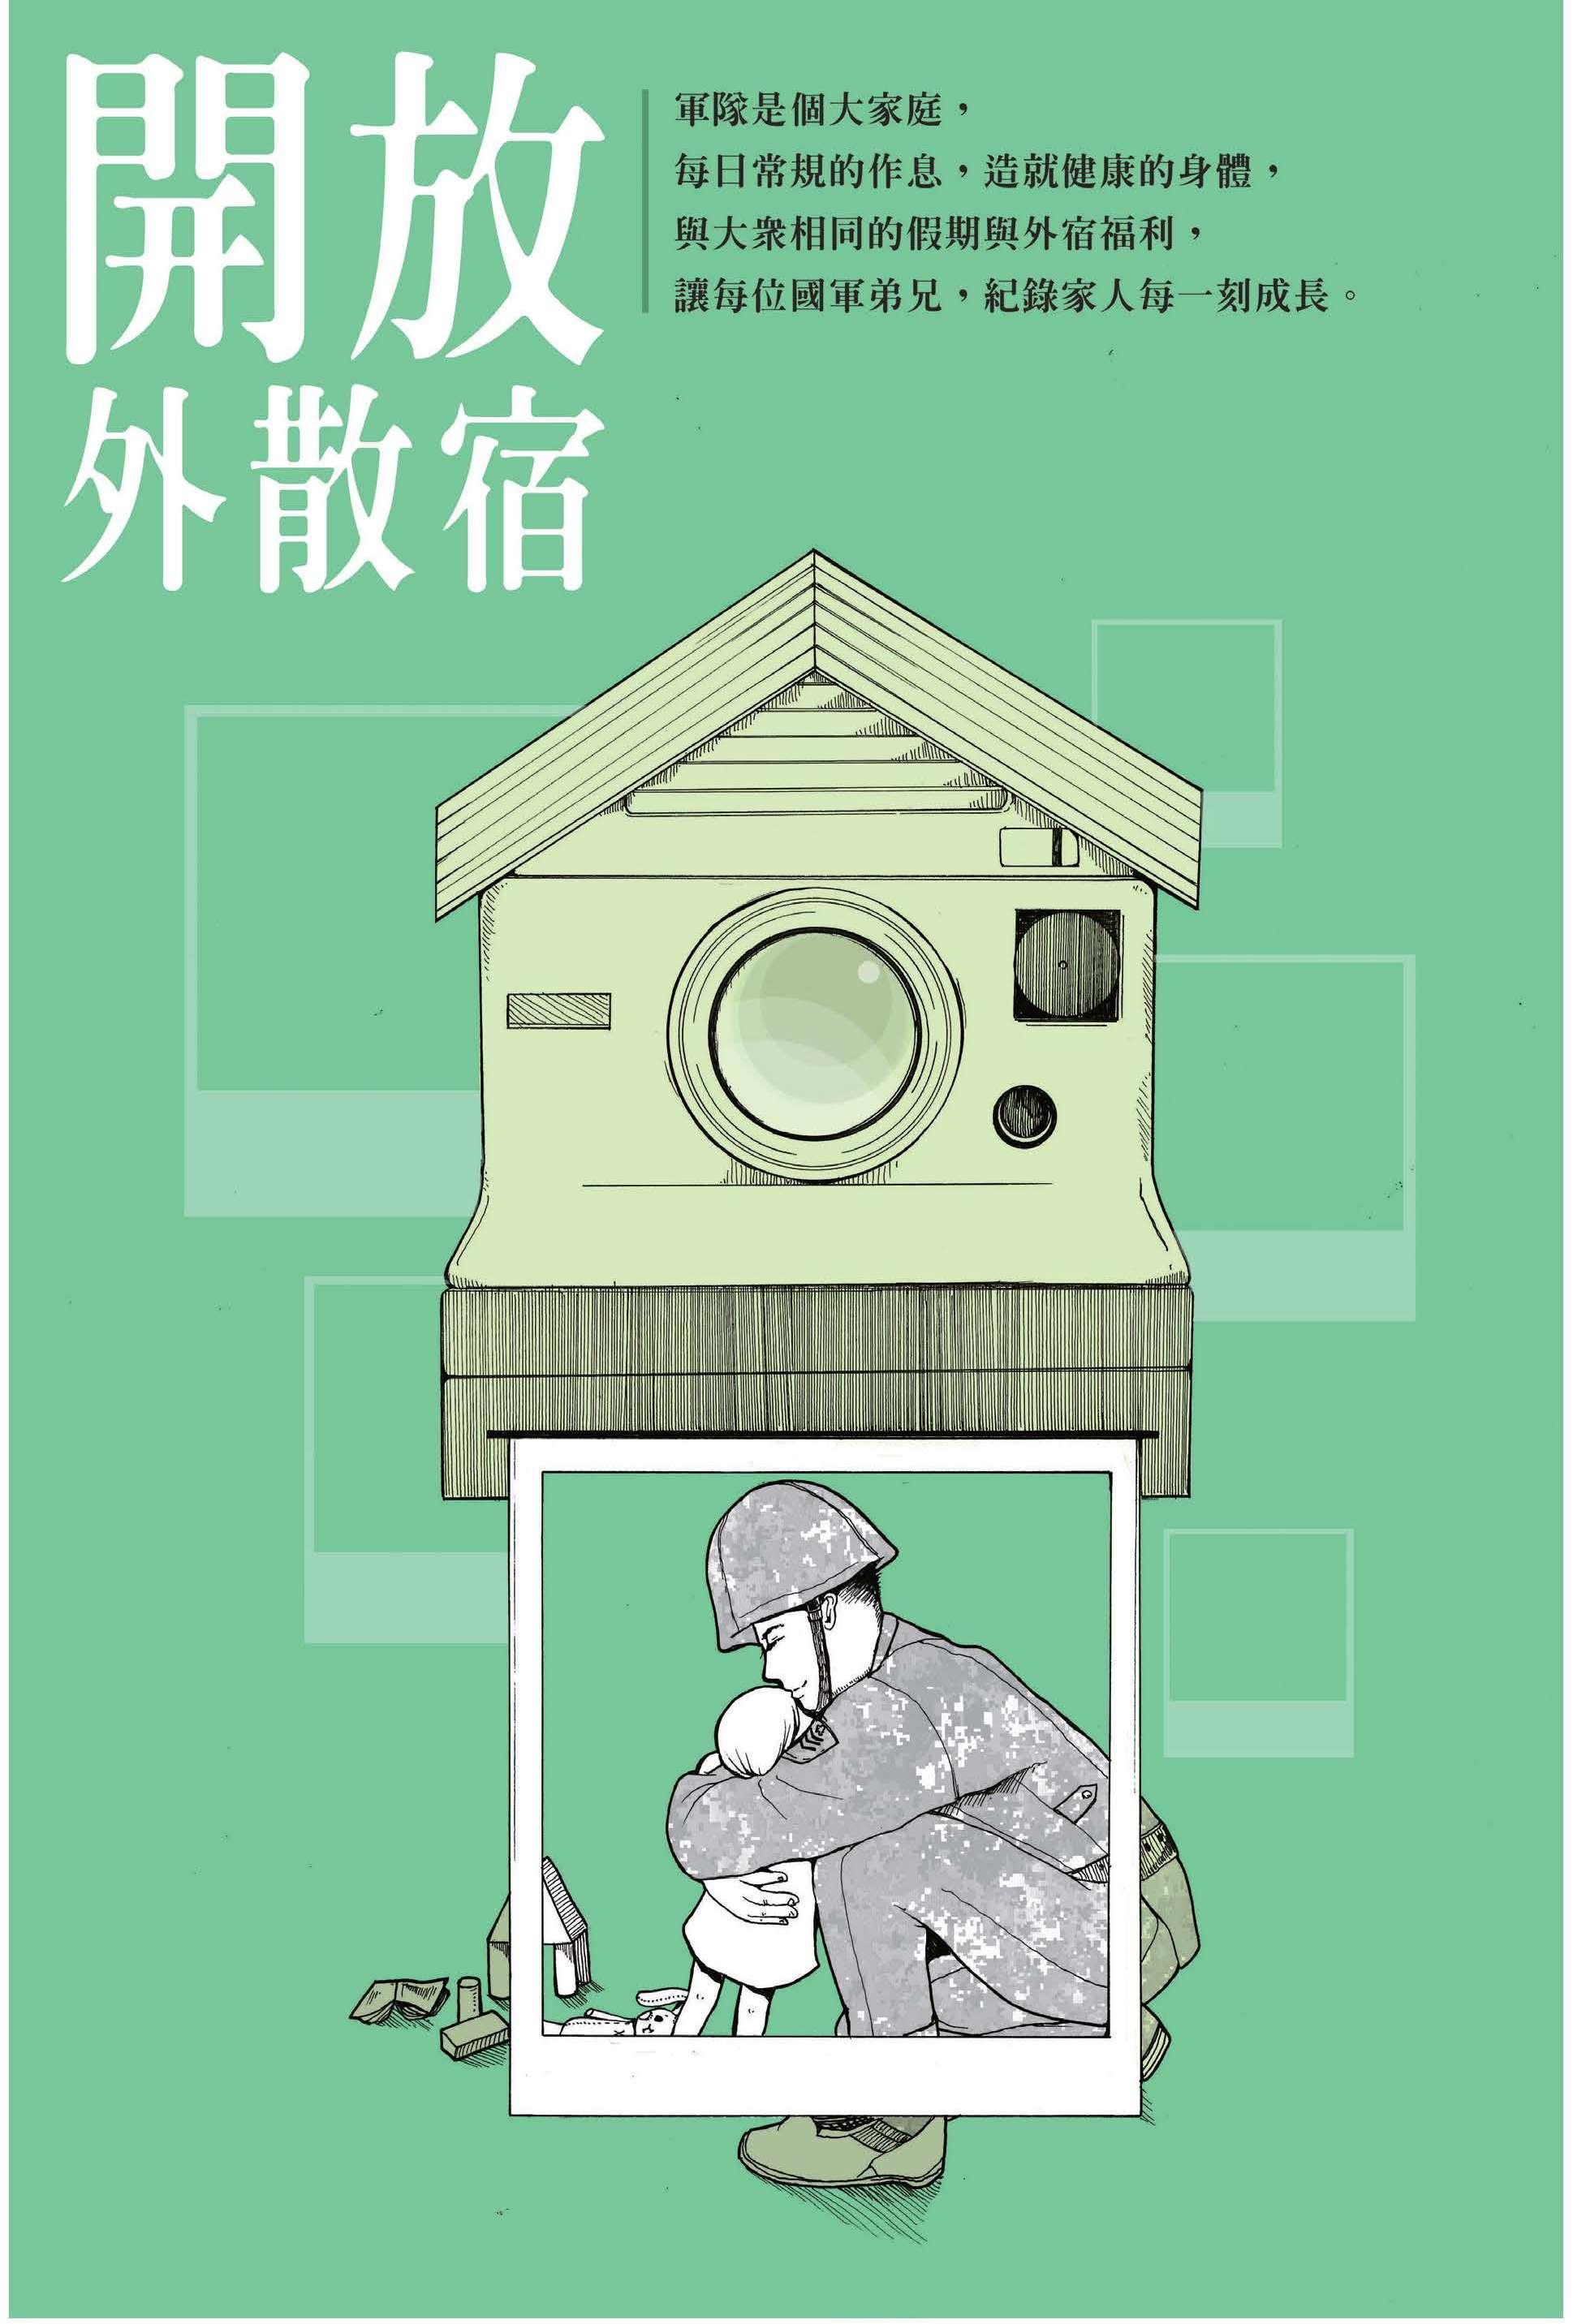 51屆漫畫項國軍組銅像獎_蛻10.jpg